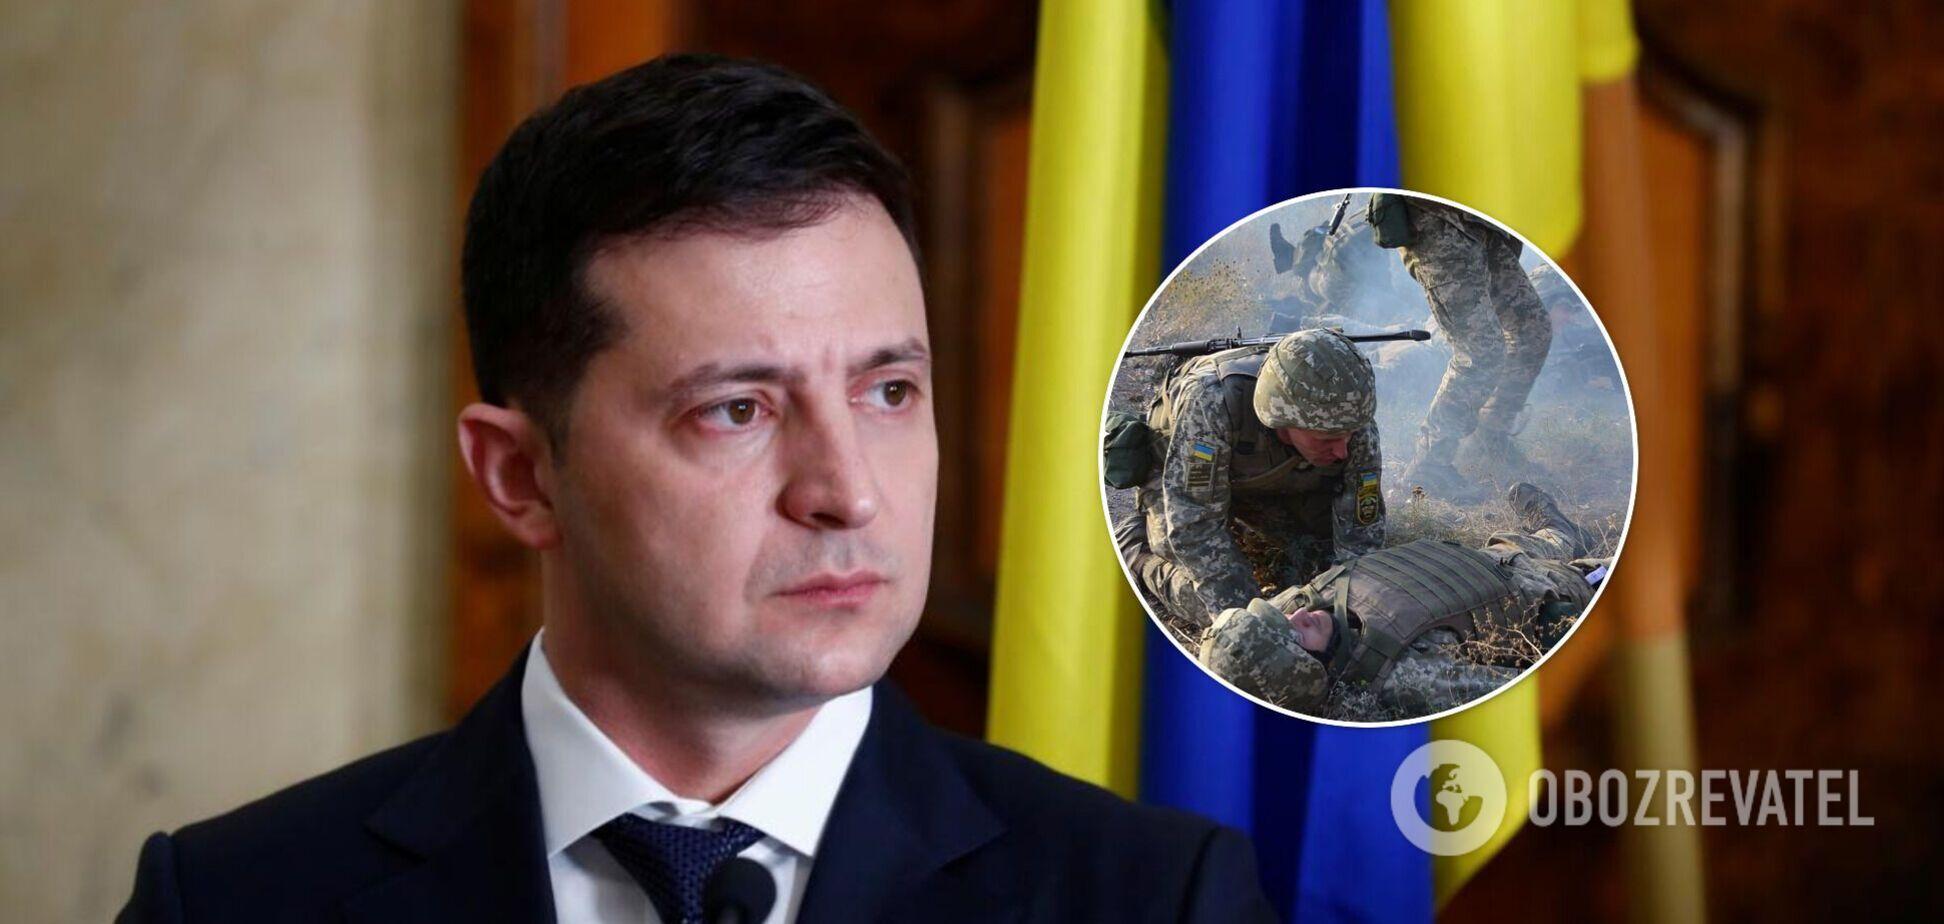 Зеленський офіційно відреагував на вбивство воїнів ЗСУ на Донбасі